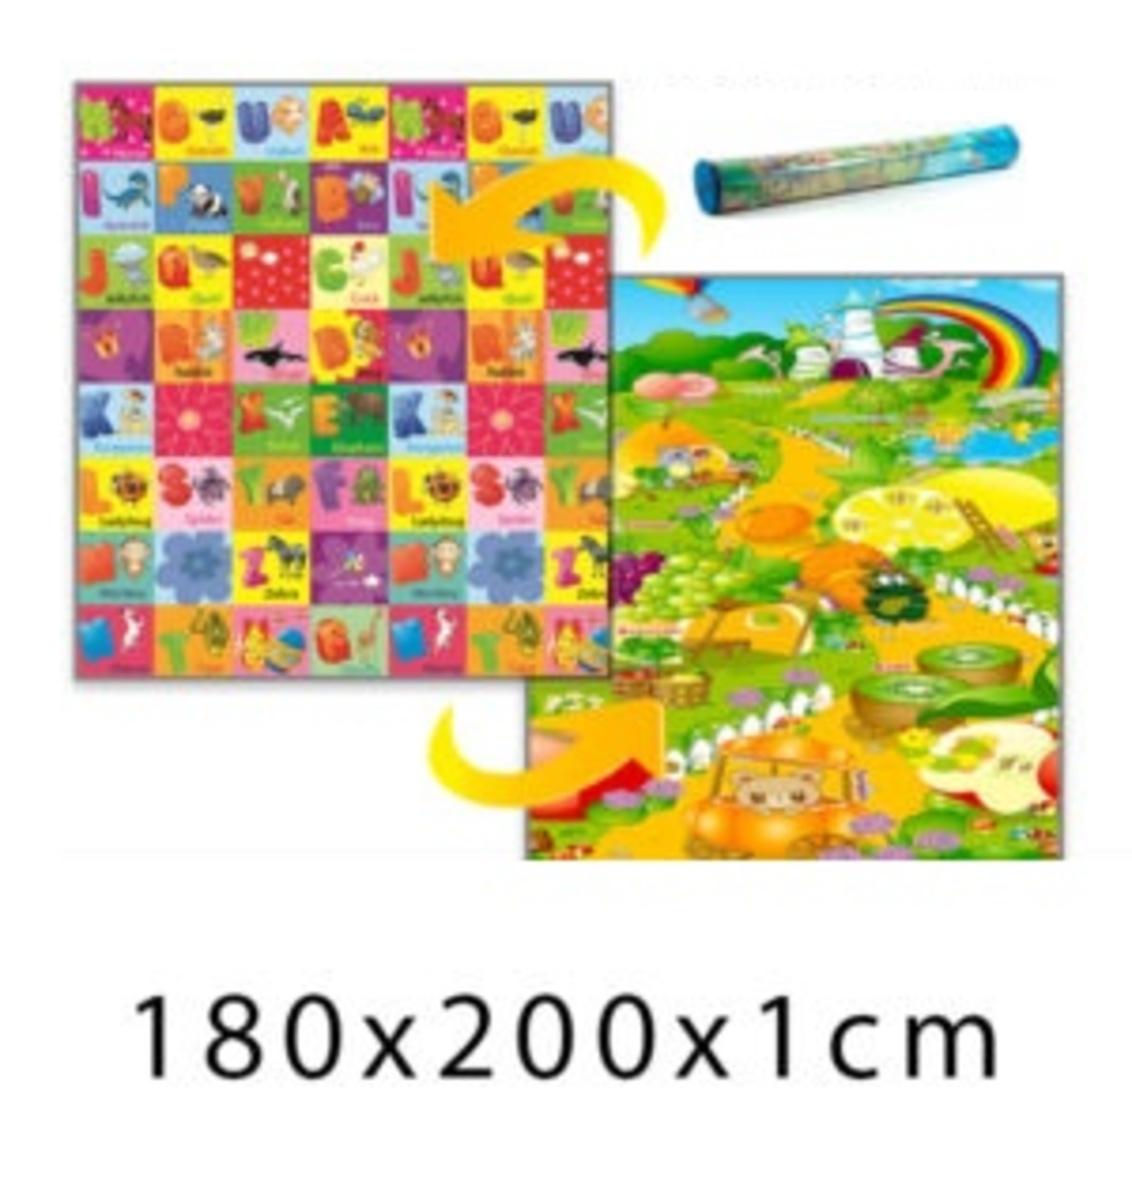 Detský penový koberec - ovocná krajina + ABC - 180x200x1 cm